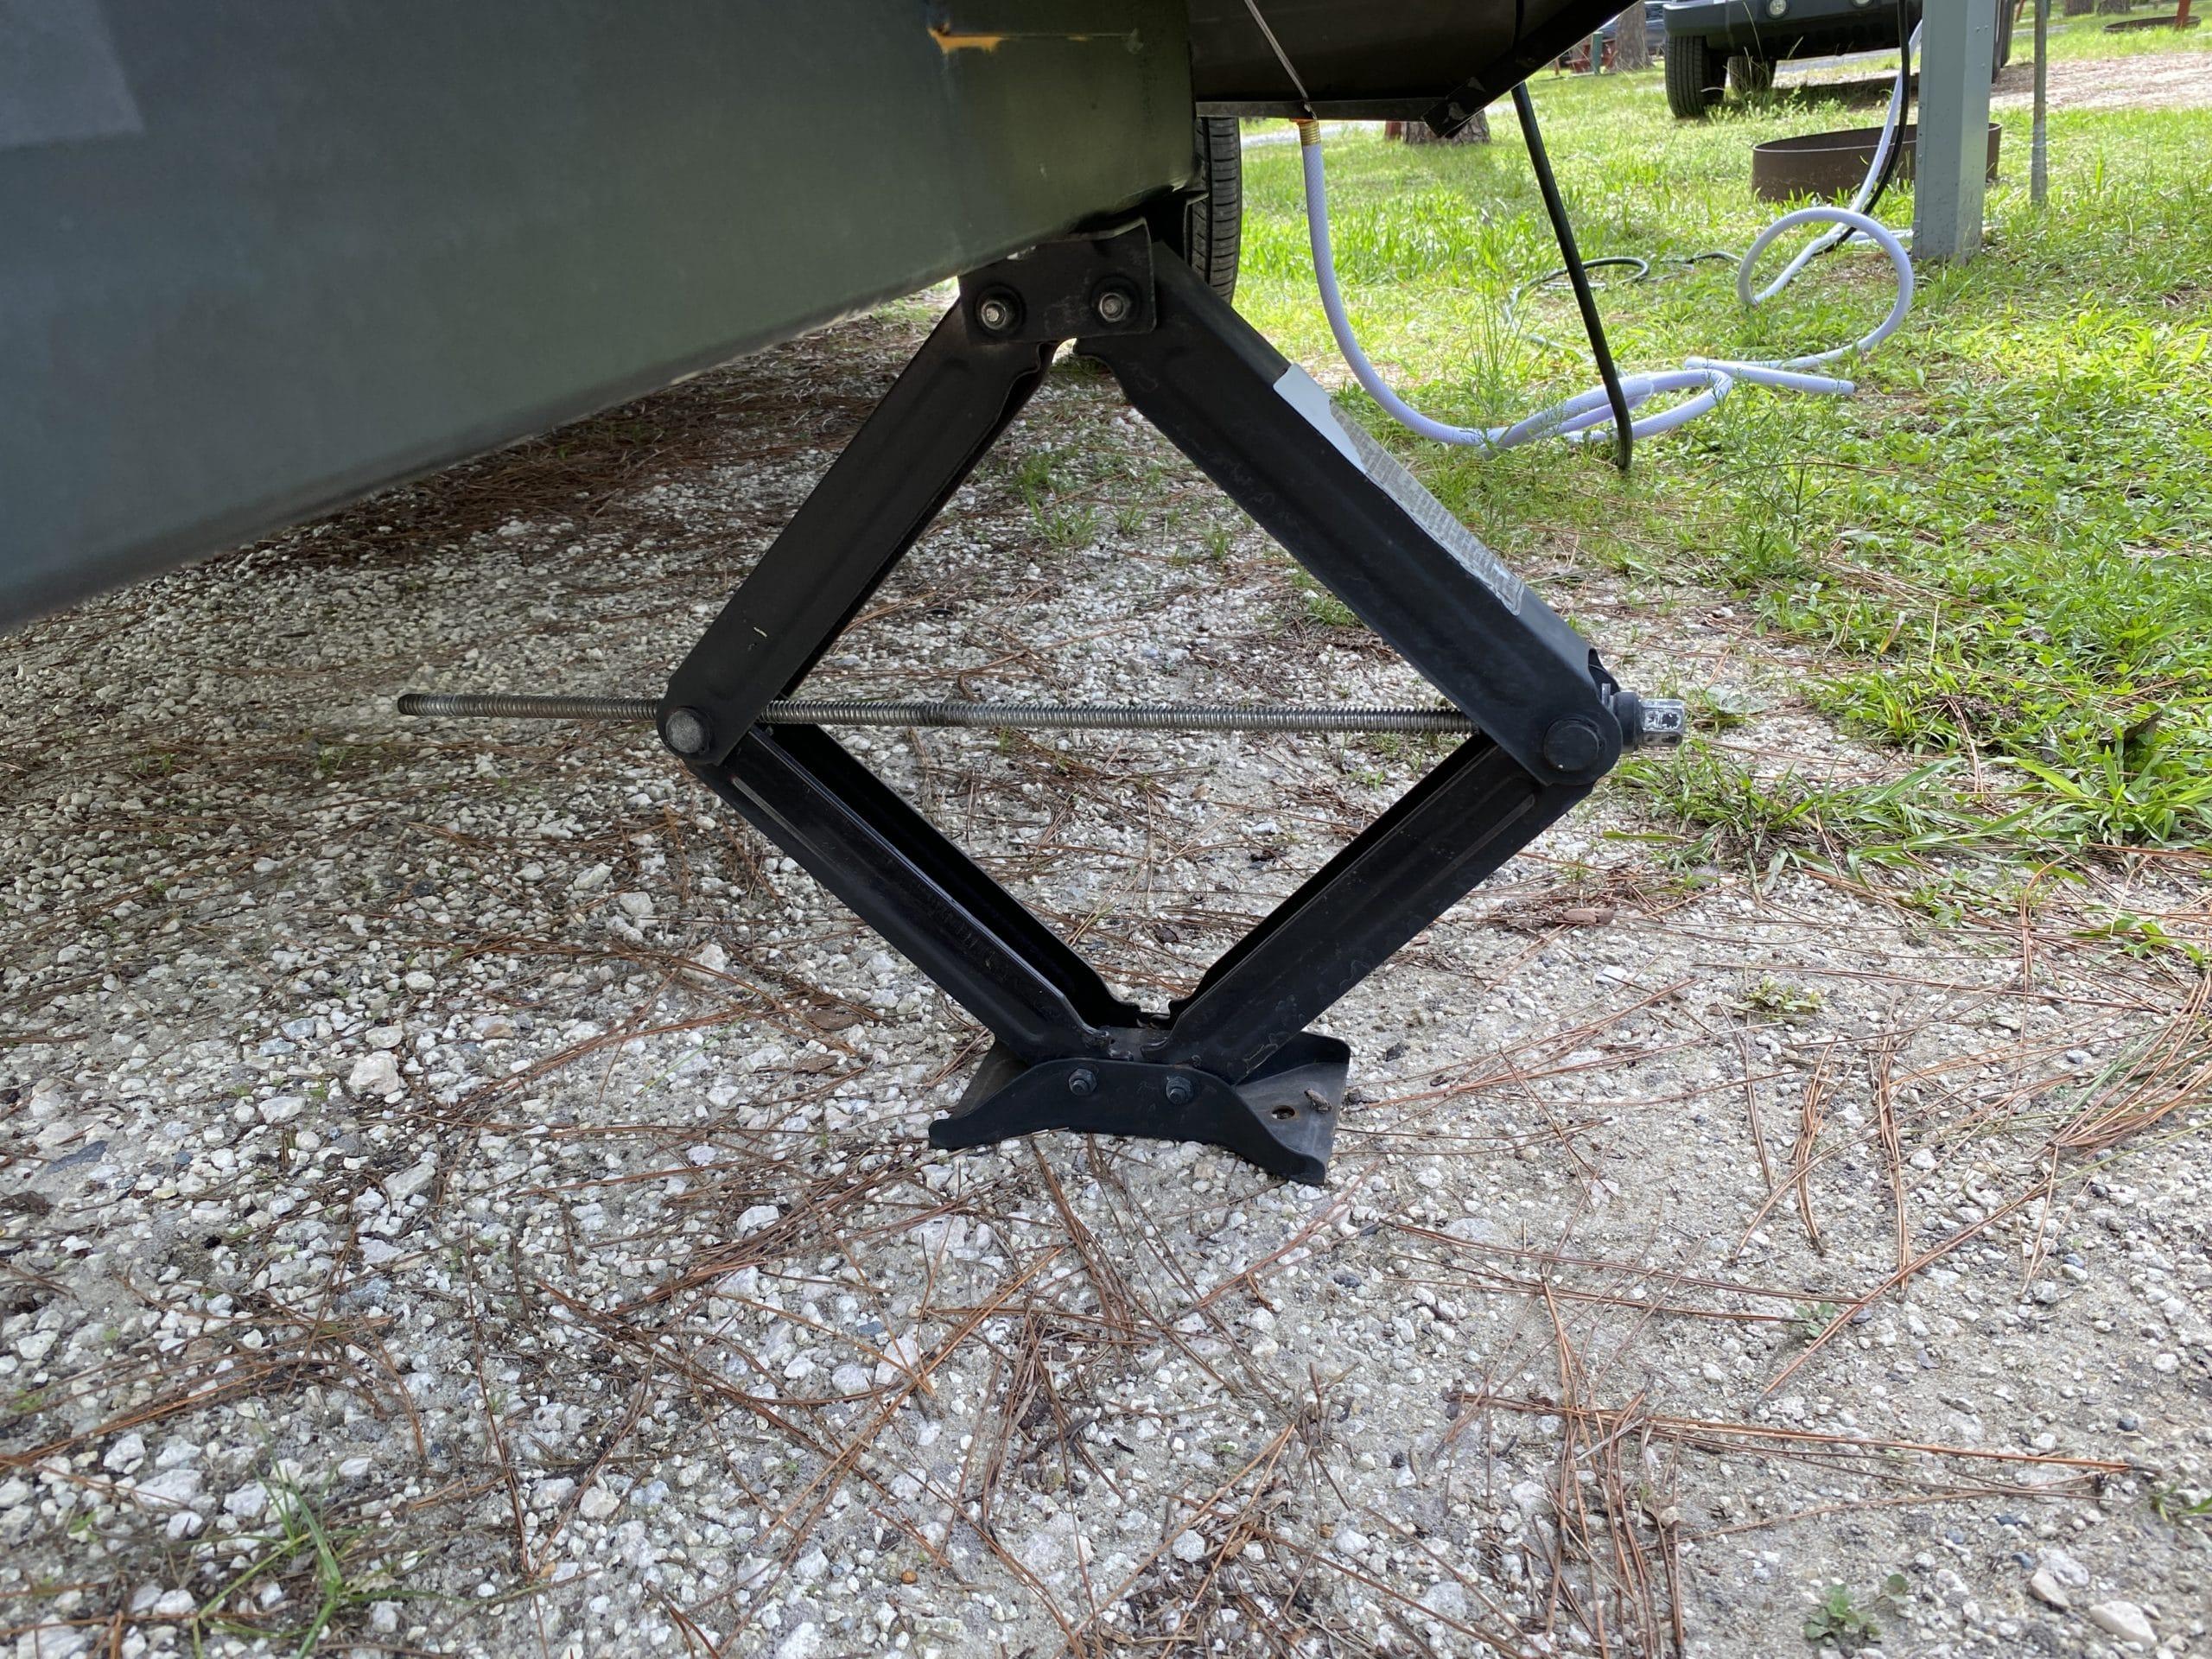 stabilizer camper travel lite